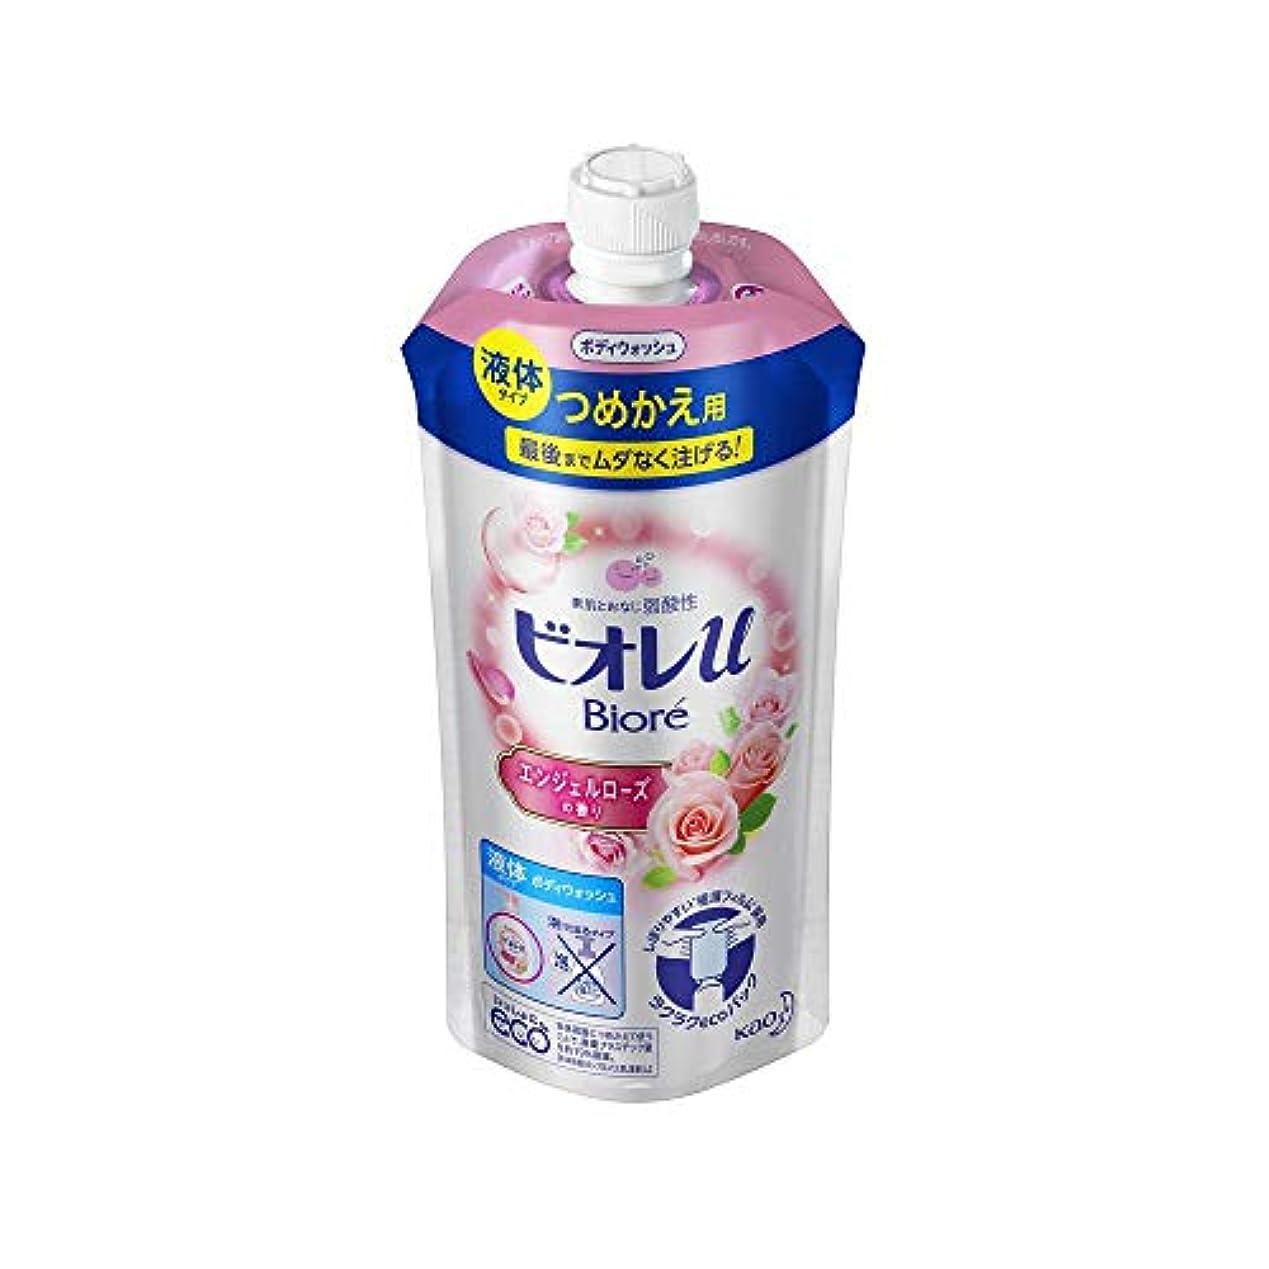 素晴らしい良い多くのコメント経過花王 ビオレu エンジェルローズの香りつめかえ用 340ML